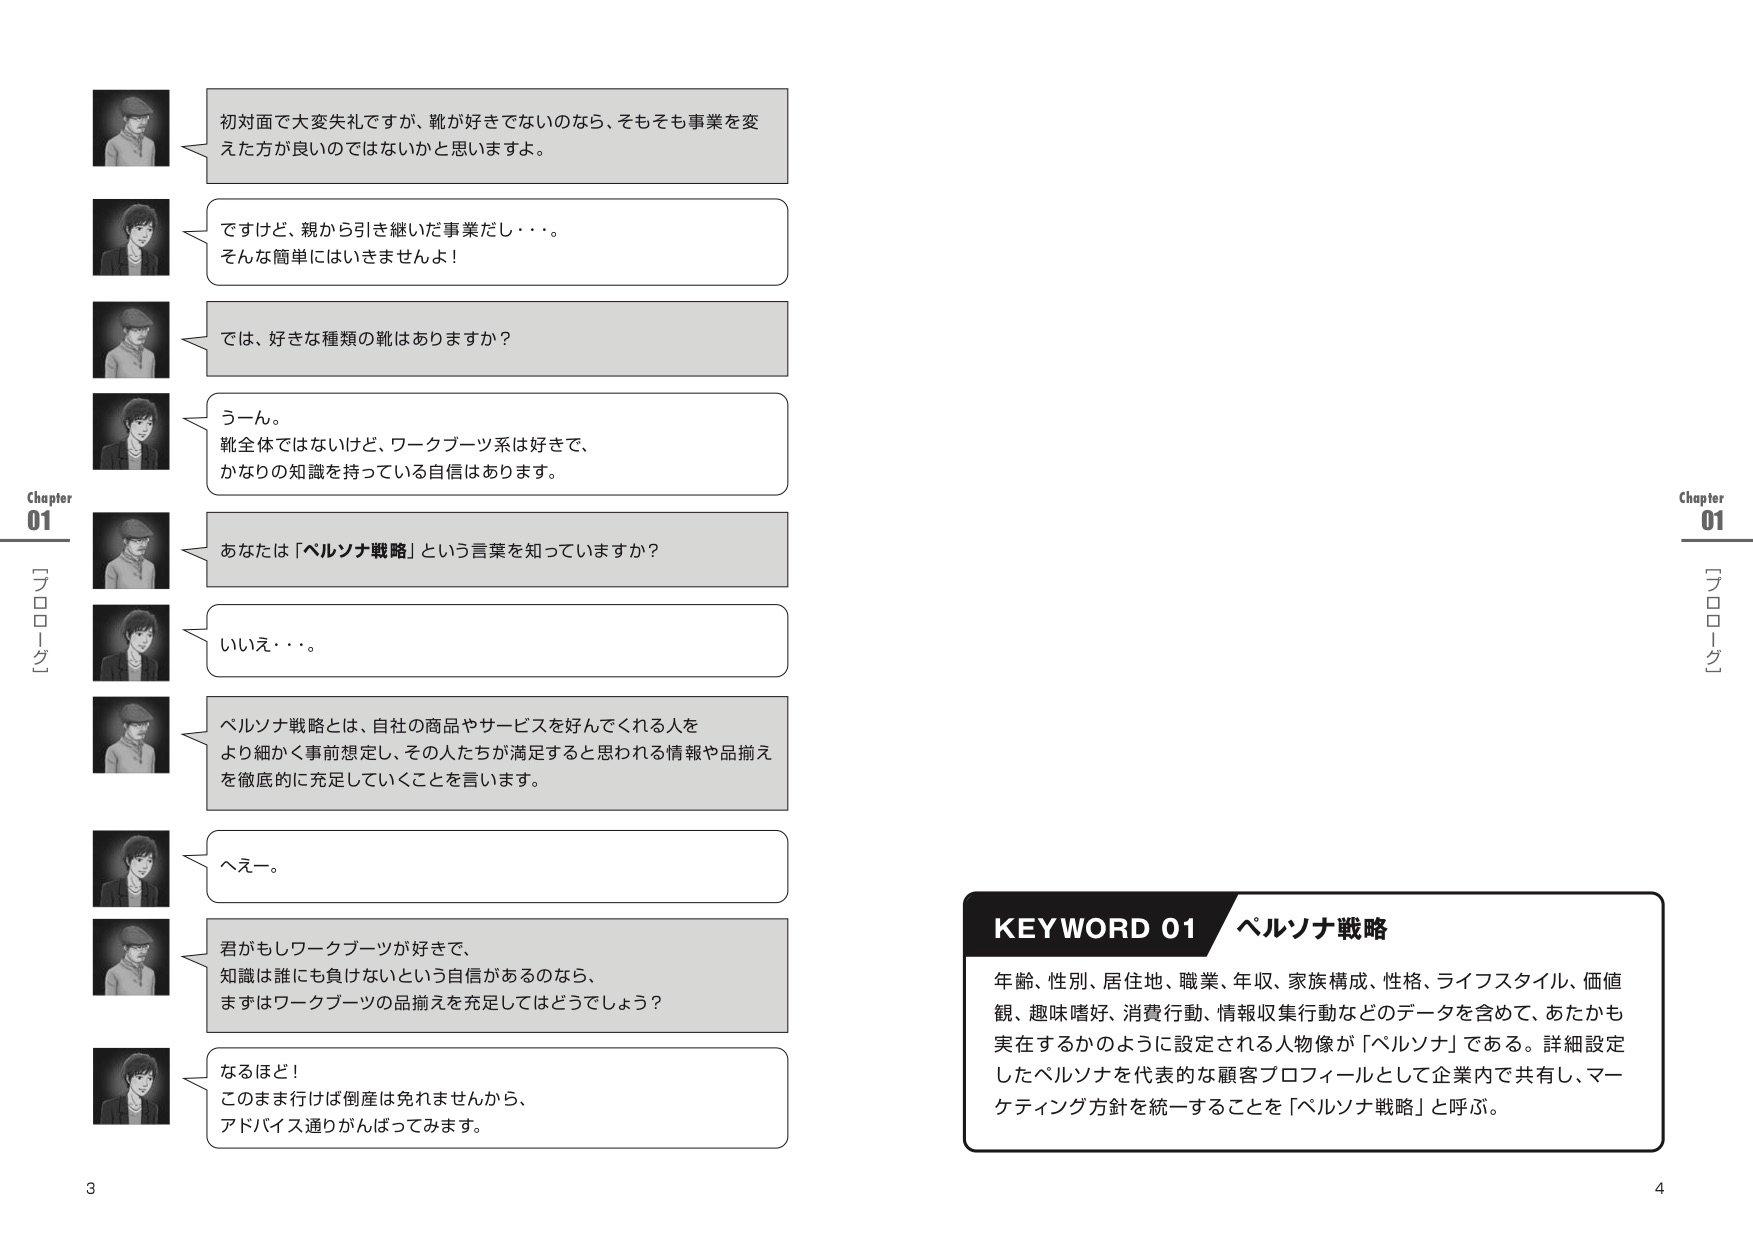 P03_P04のコピー